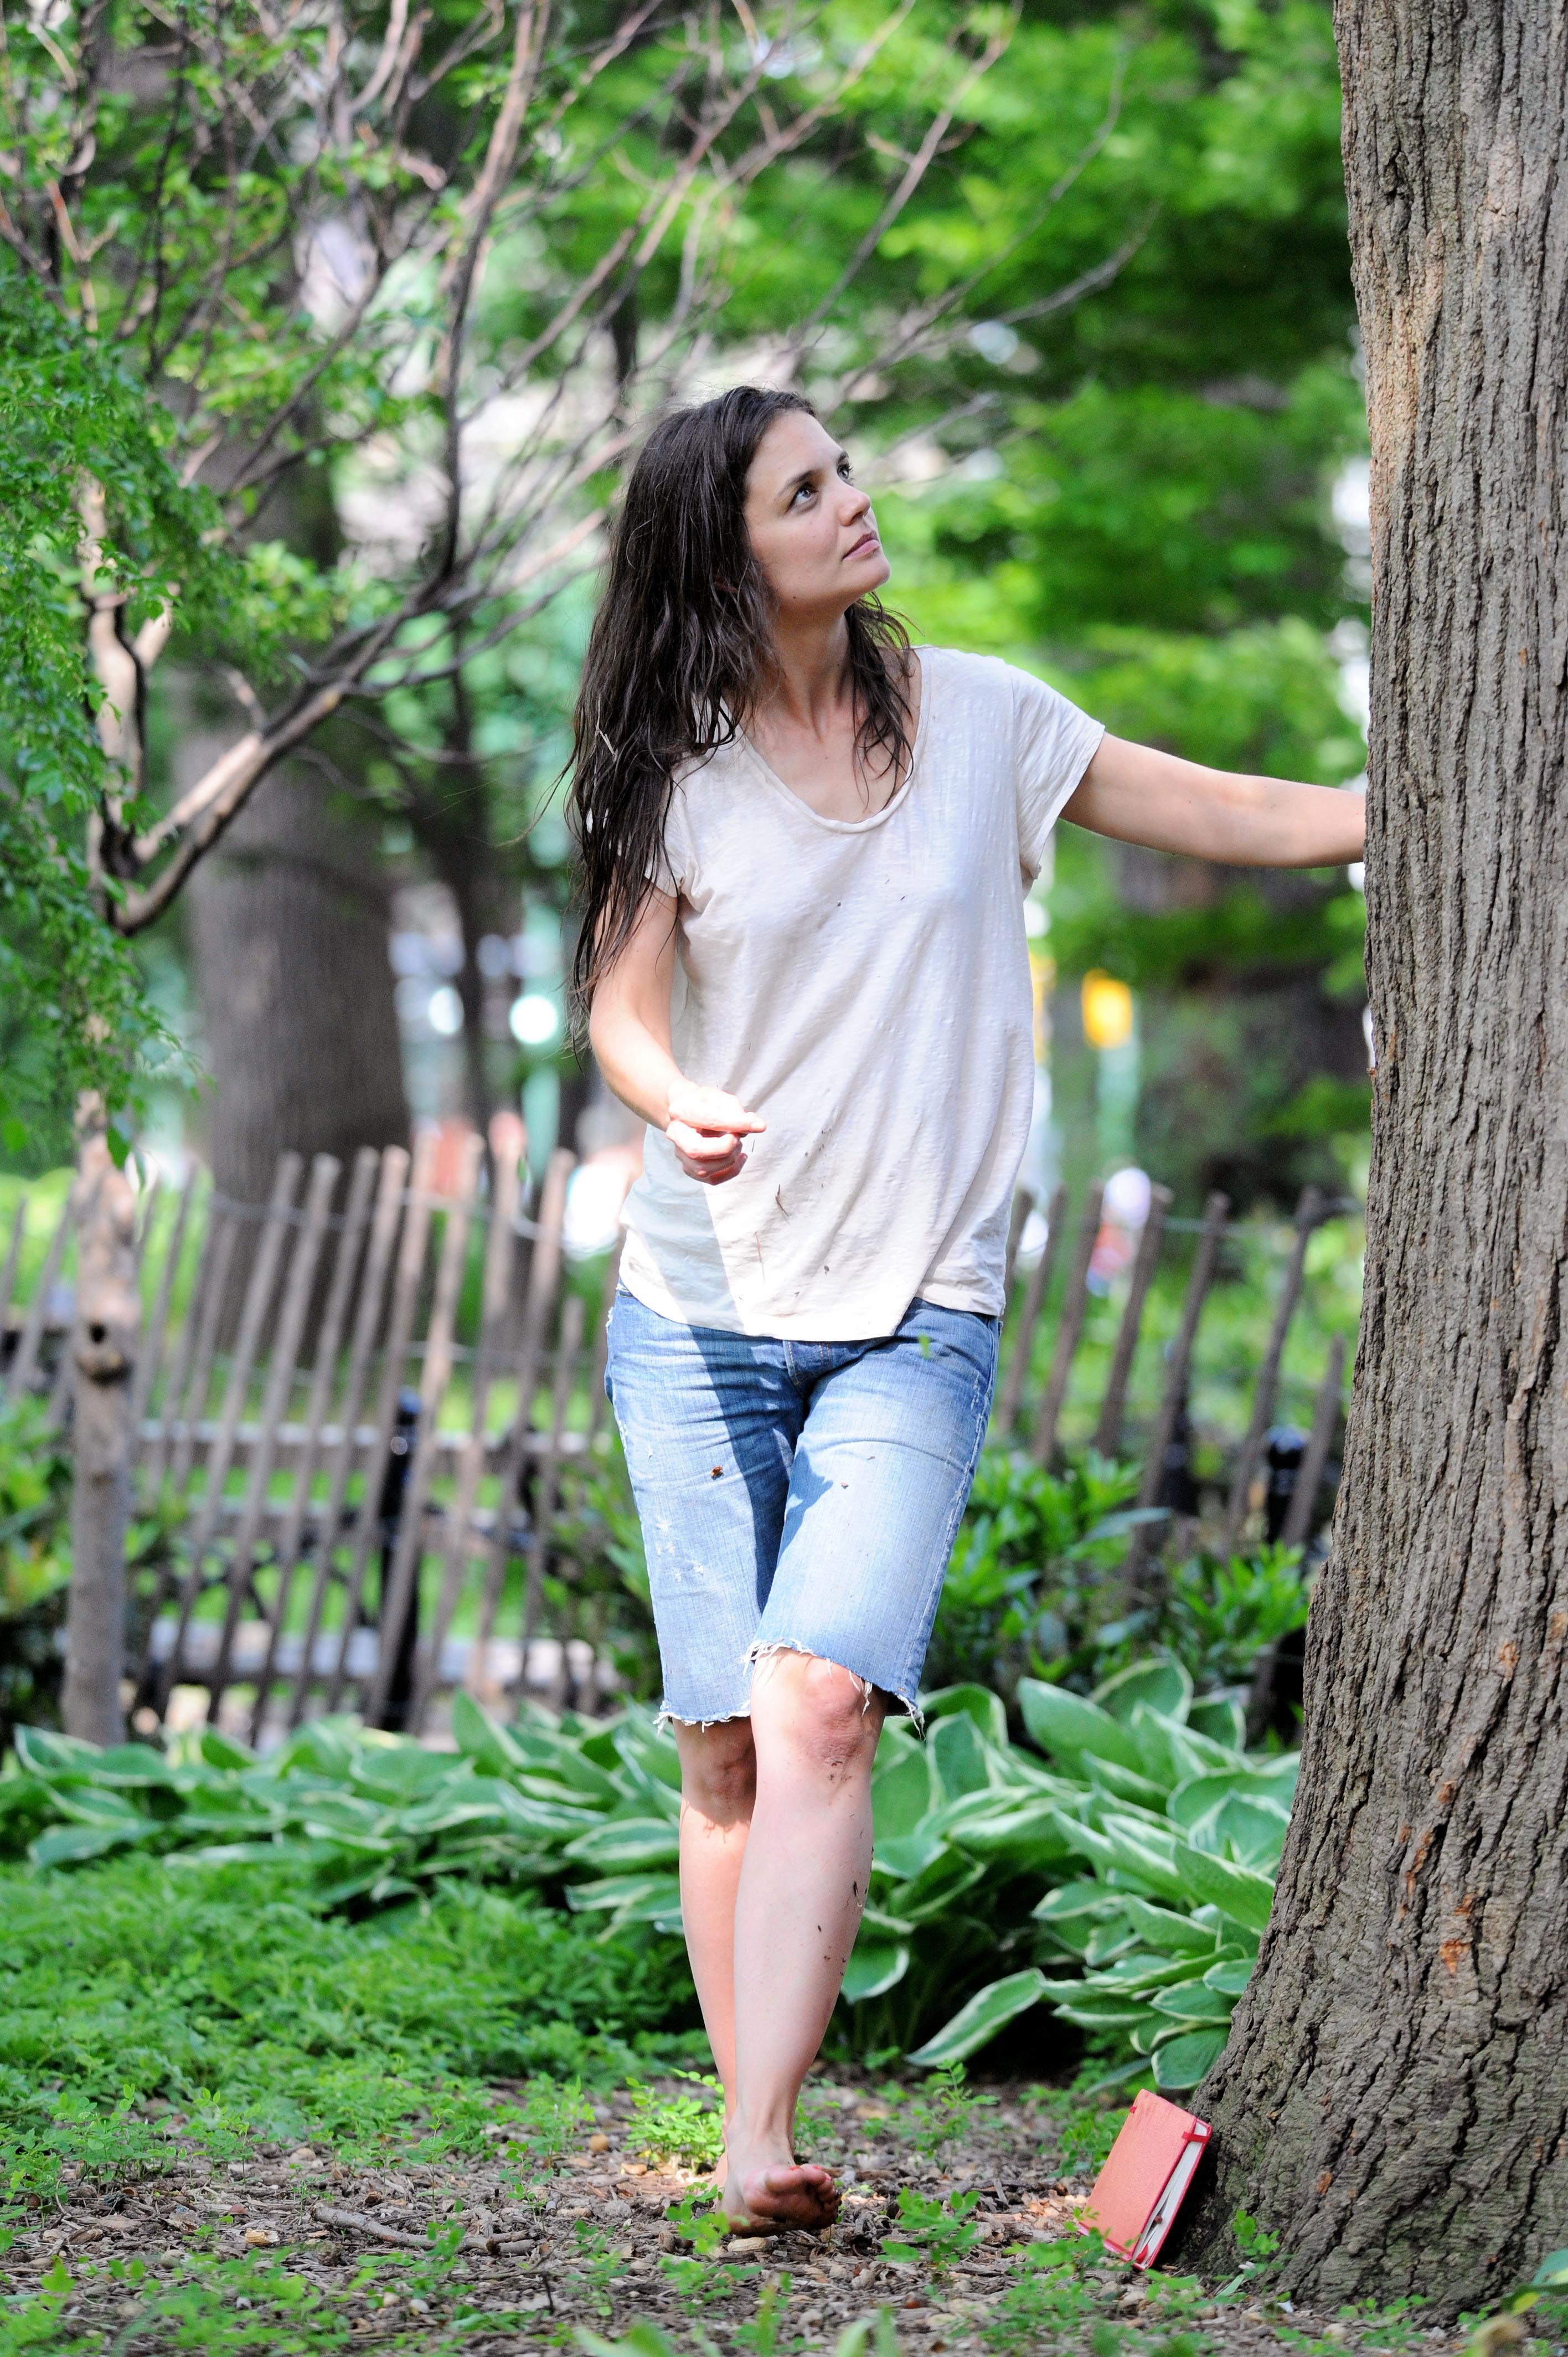 https://pics.wikifeet.com/Katie-Holmes-Feet-1048122.jpg